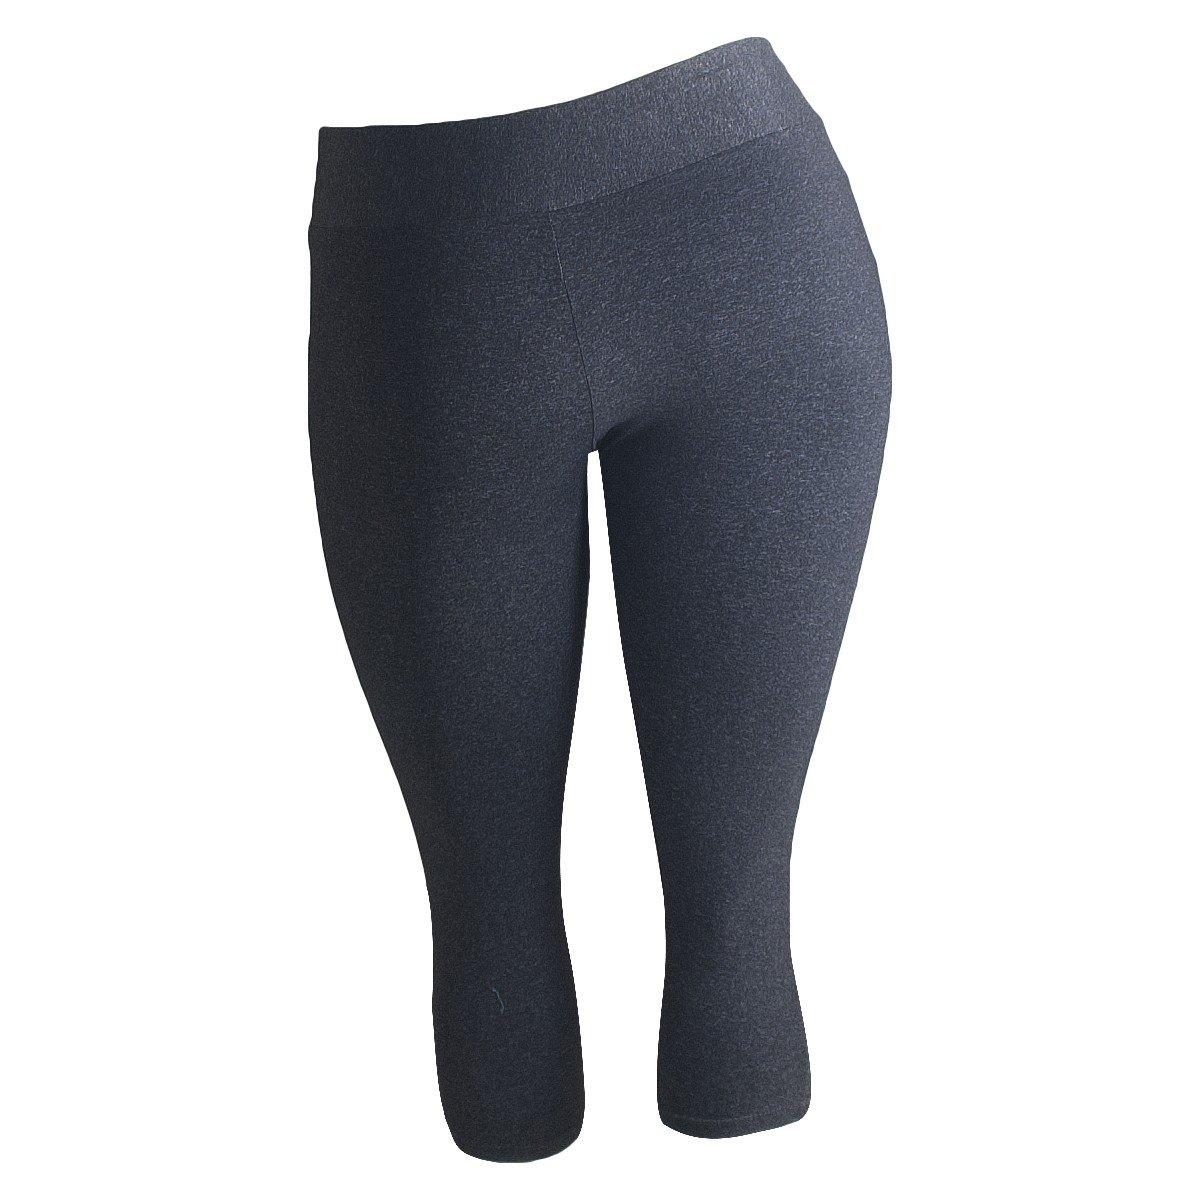 Calça Calça Plus Fit Plus Chumbo Size Way Corsário Feminina 4ZgBZqw